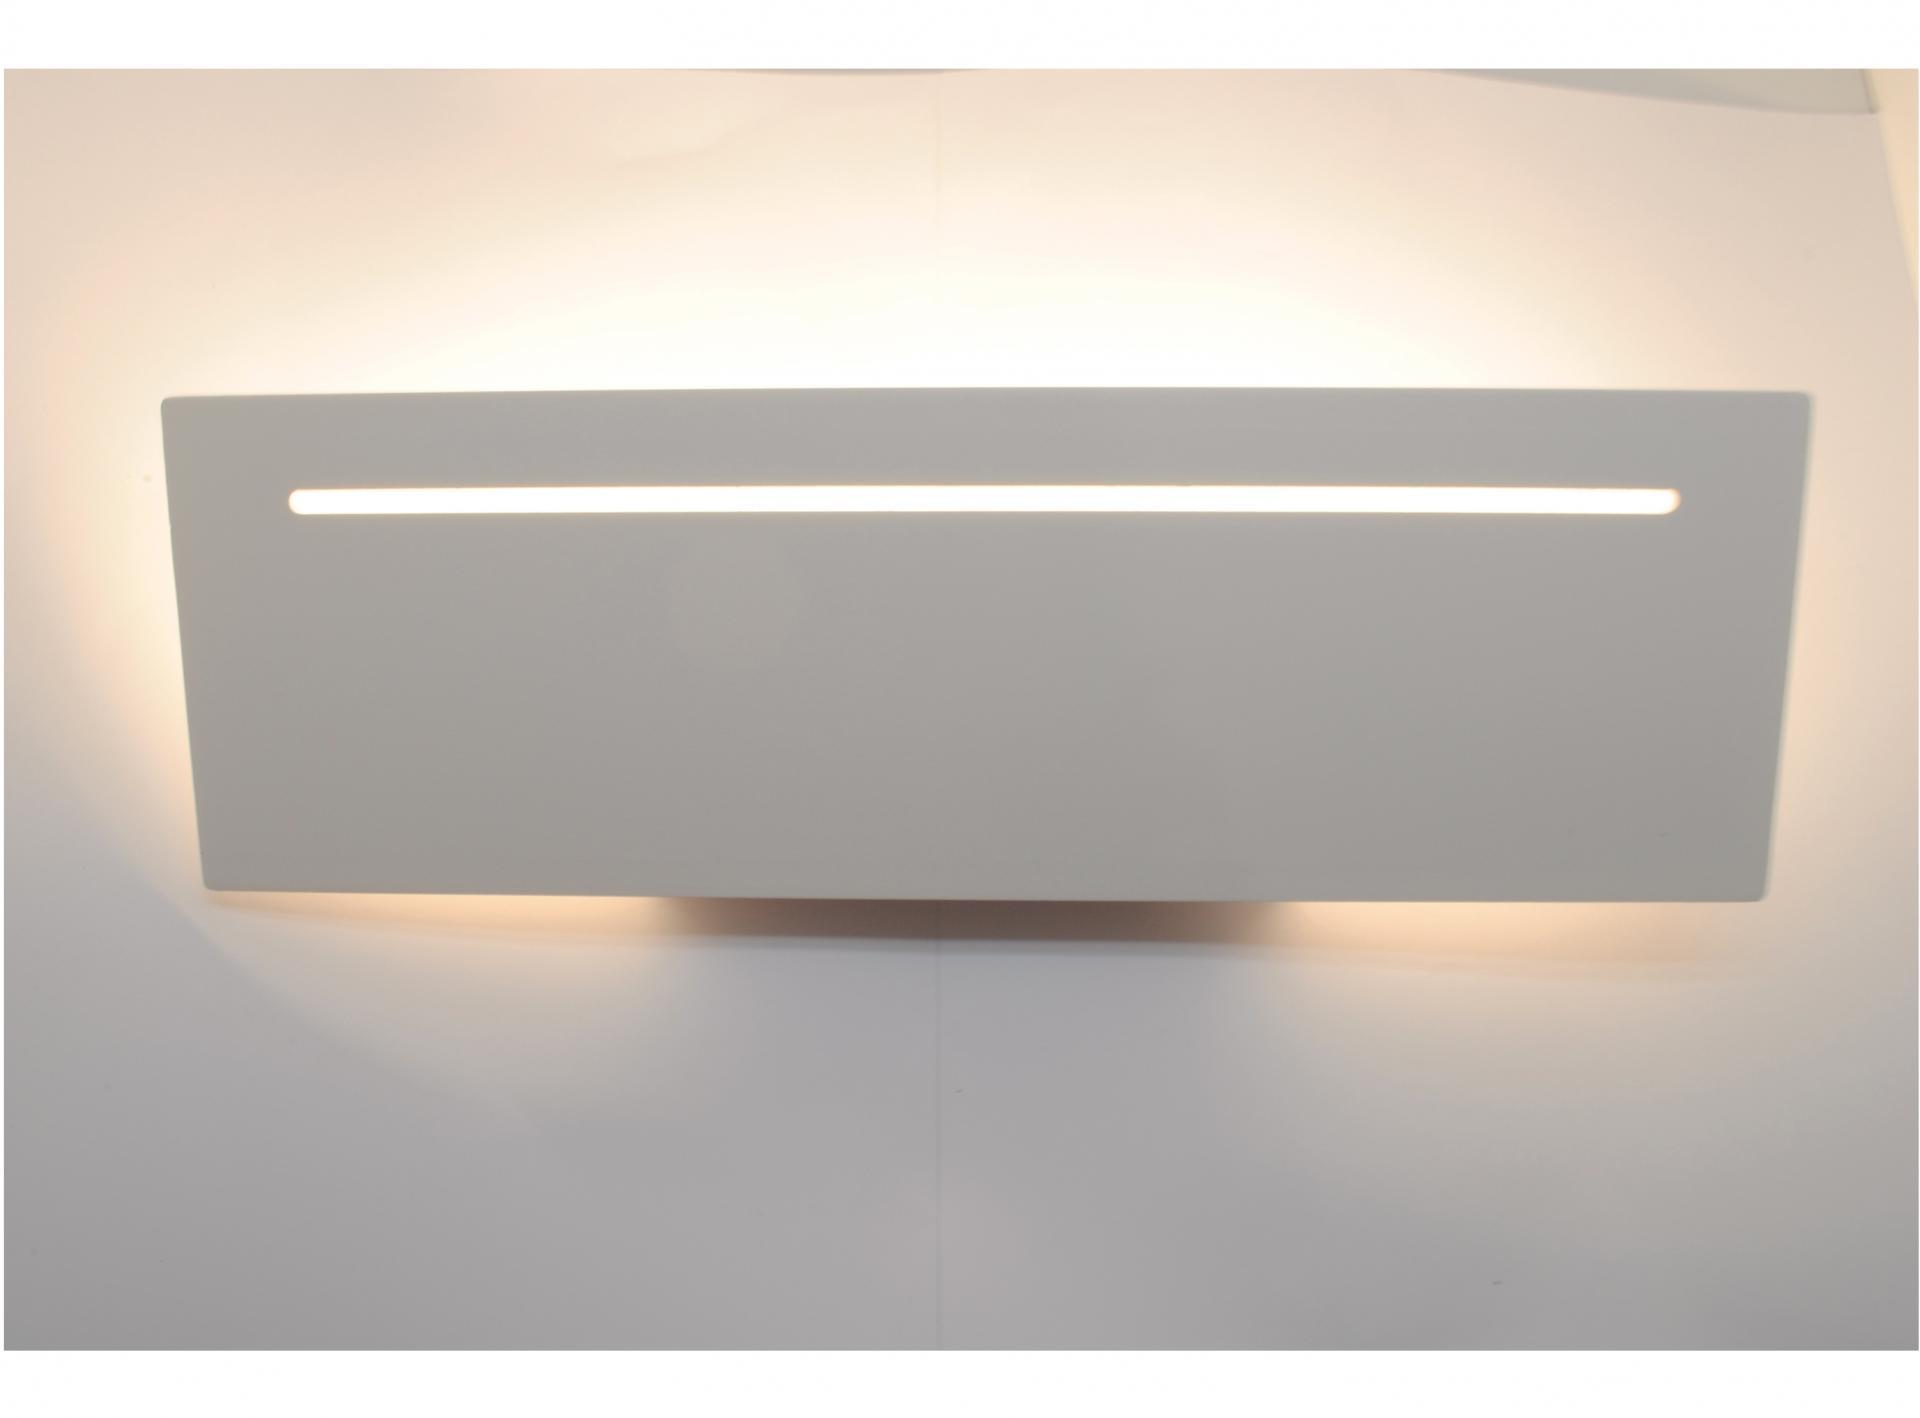 APLIQUE LED DECO 12W 3000K 120º 100-240V BLANCO